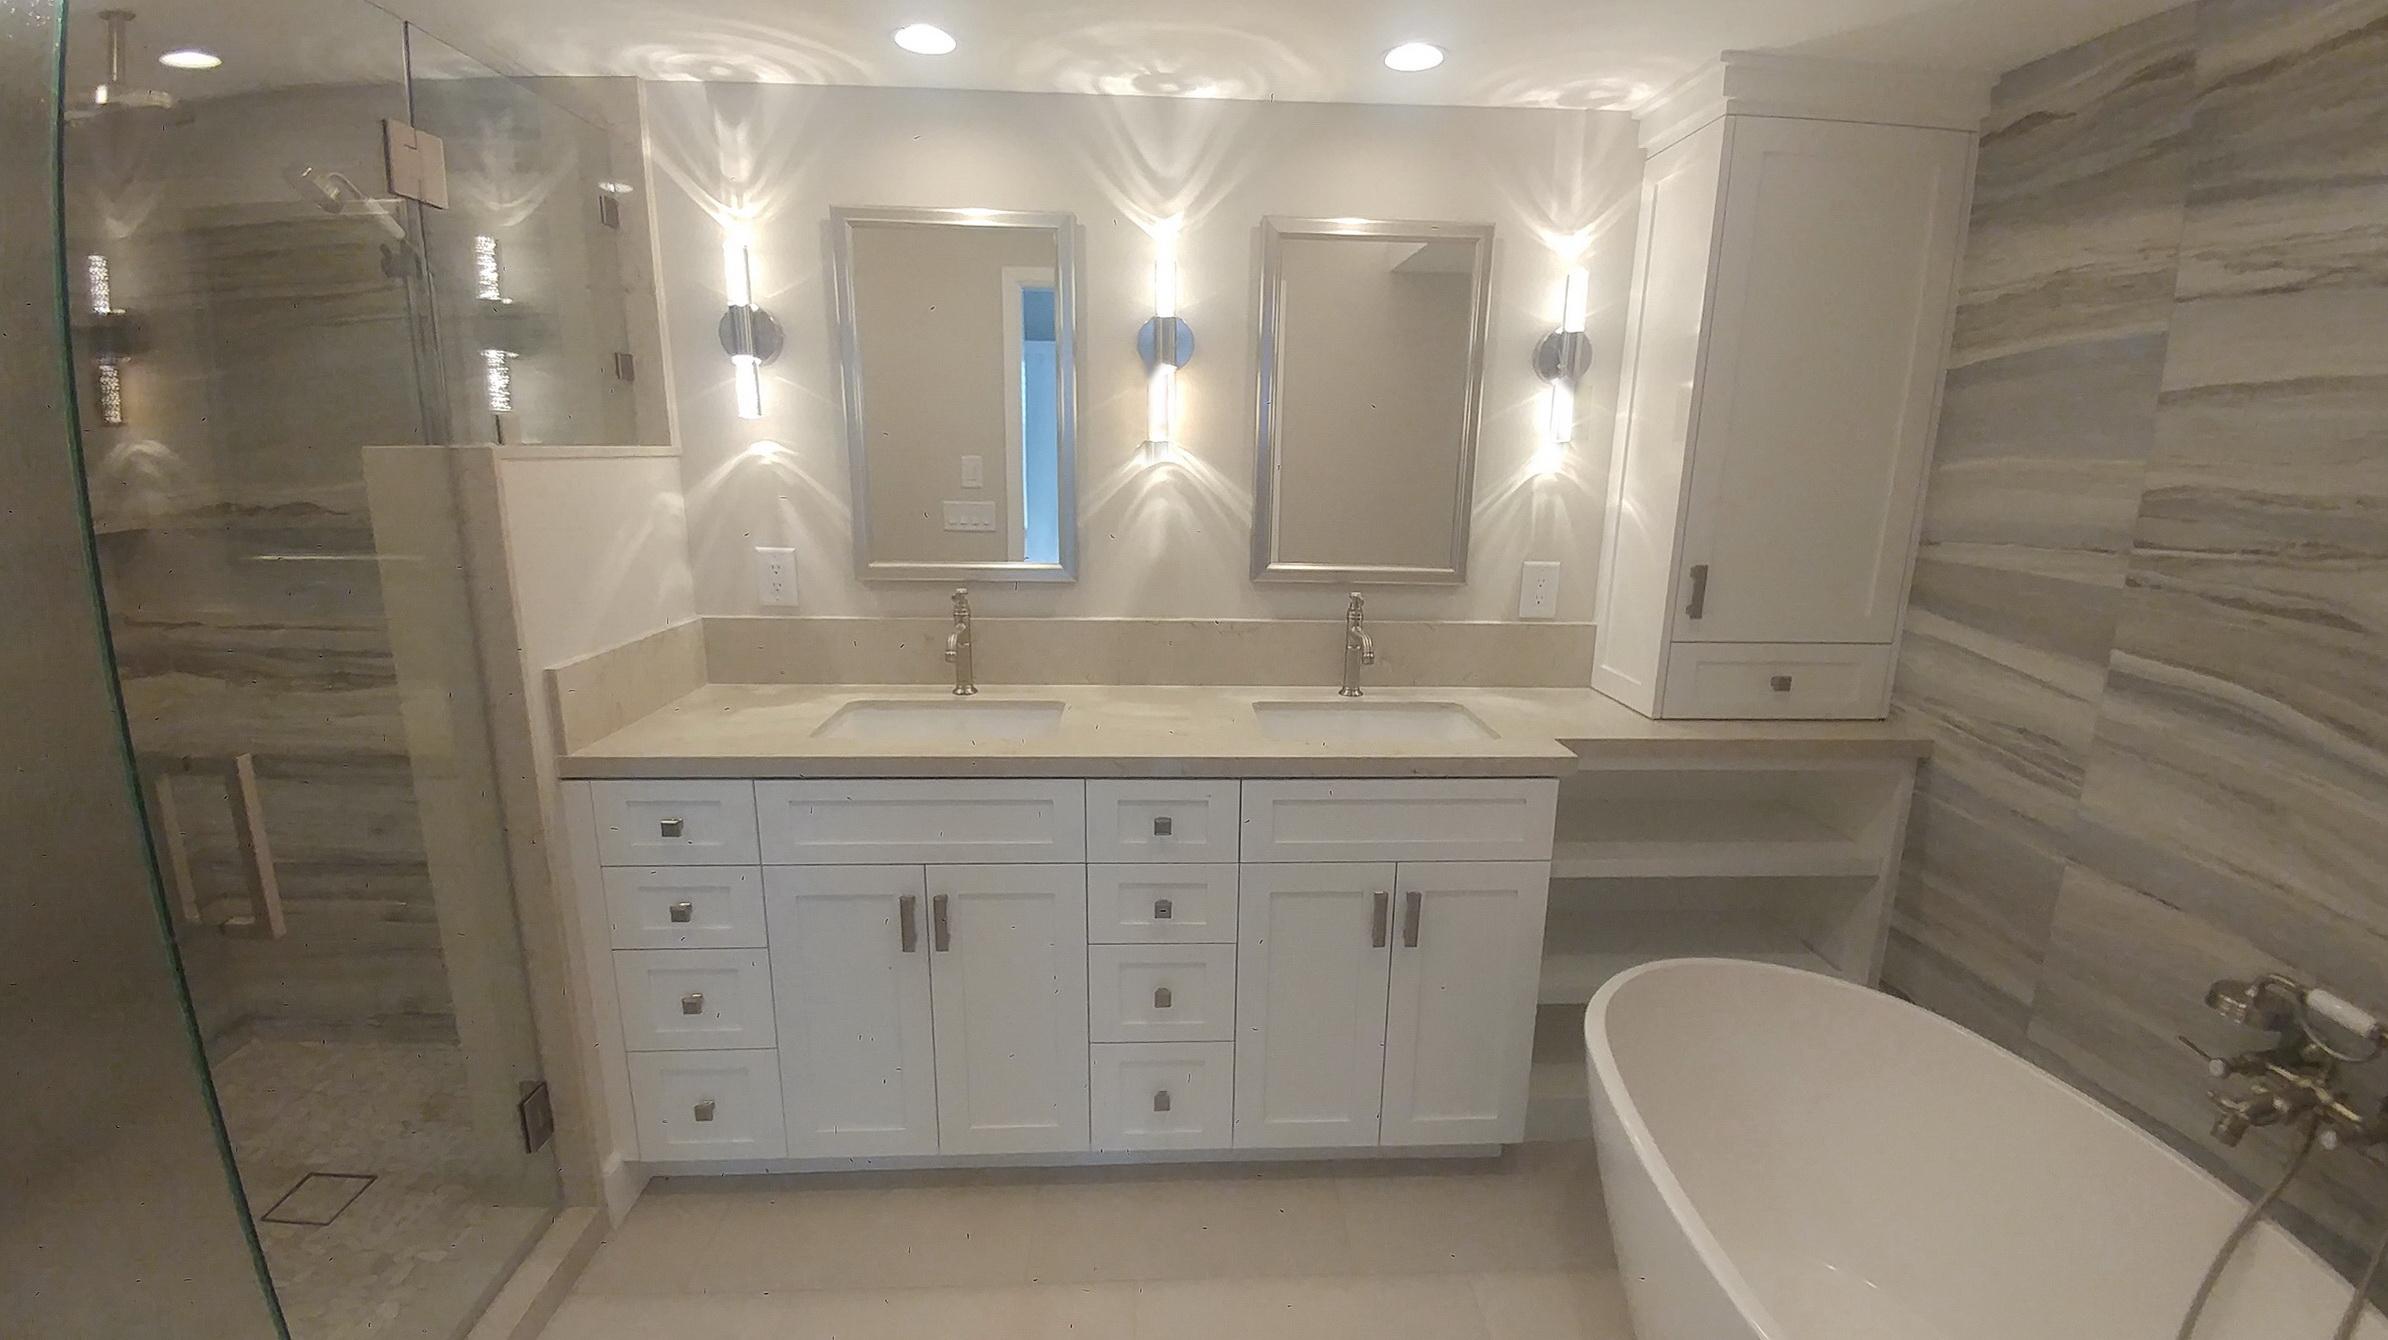 San Clemente condo master bath